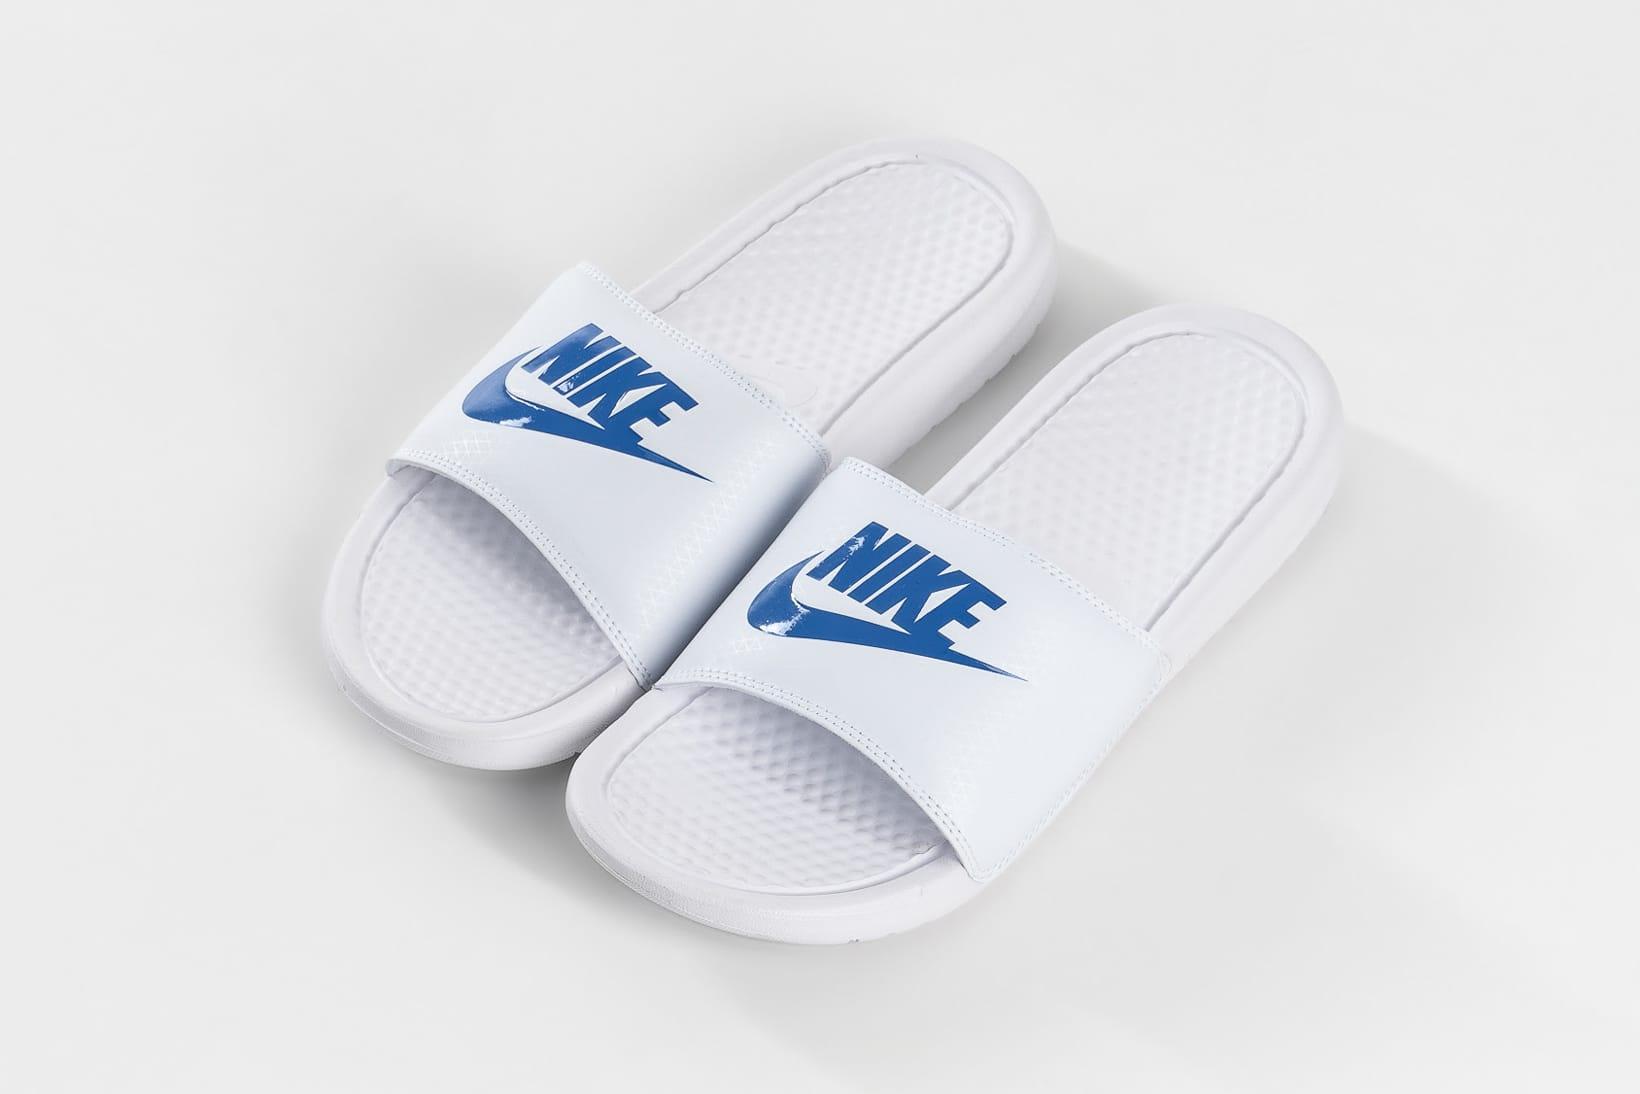 Nike Releases Benassi Slides in White